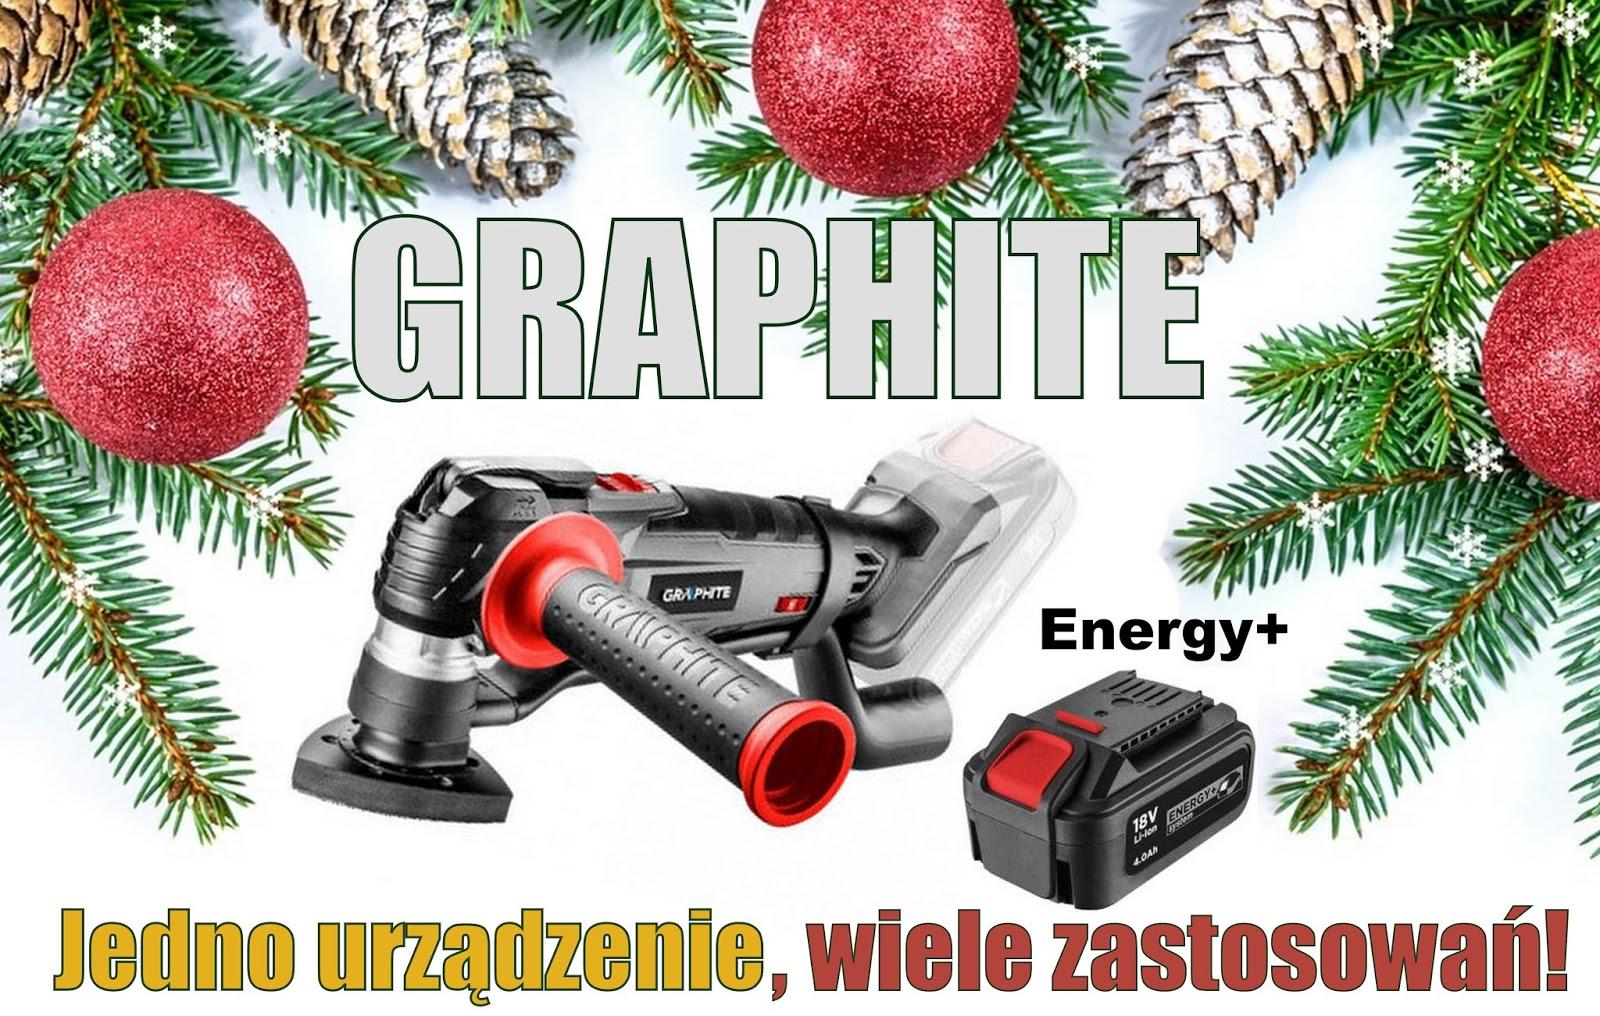 Urządzenie wielofunkcyjne GRAPHITE - Idealny prezent dla majsterkowicza